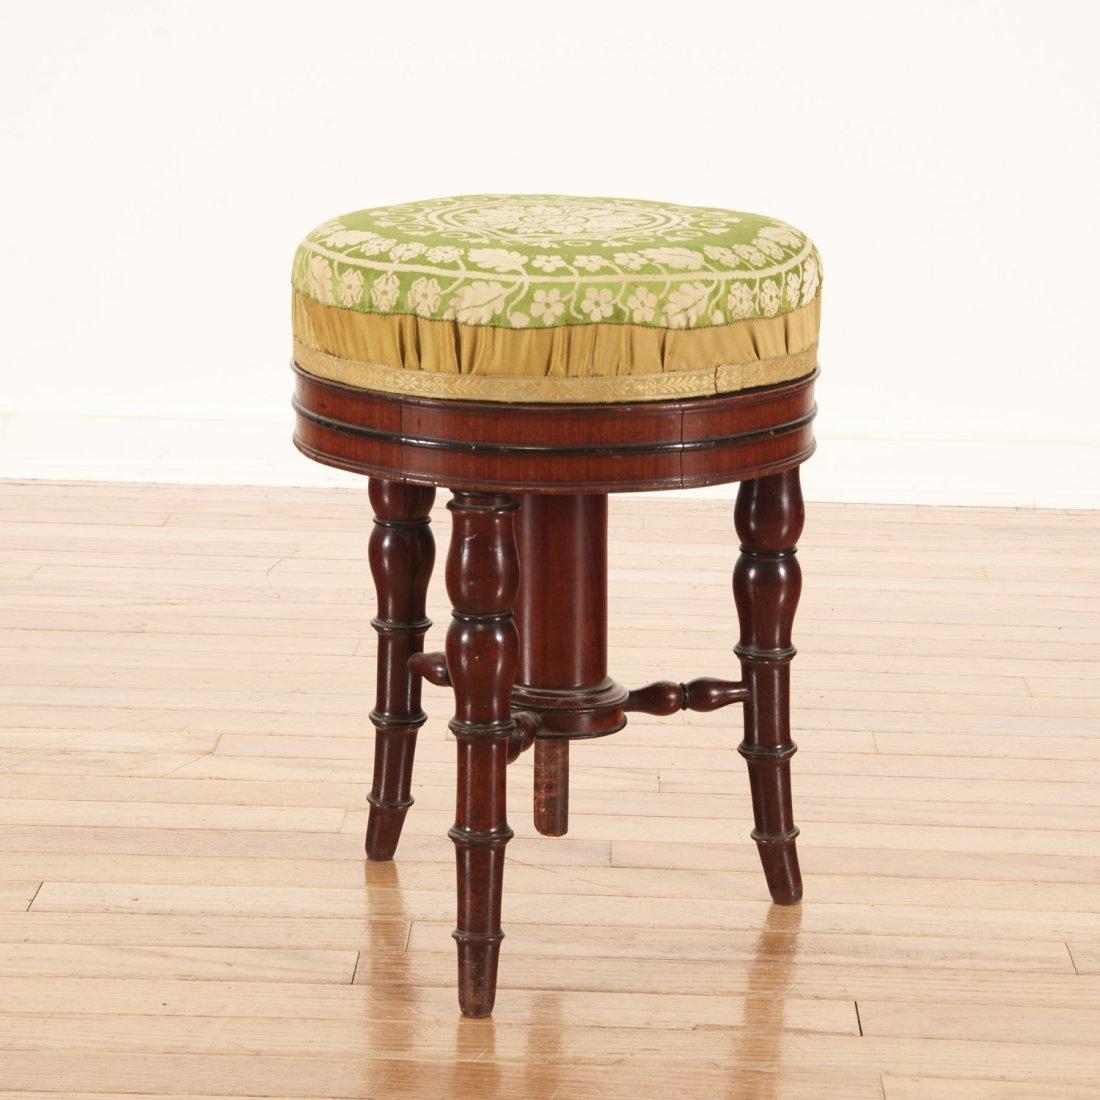 Louis Philippe mahogany bamboo-turned stool - 2